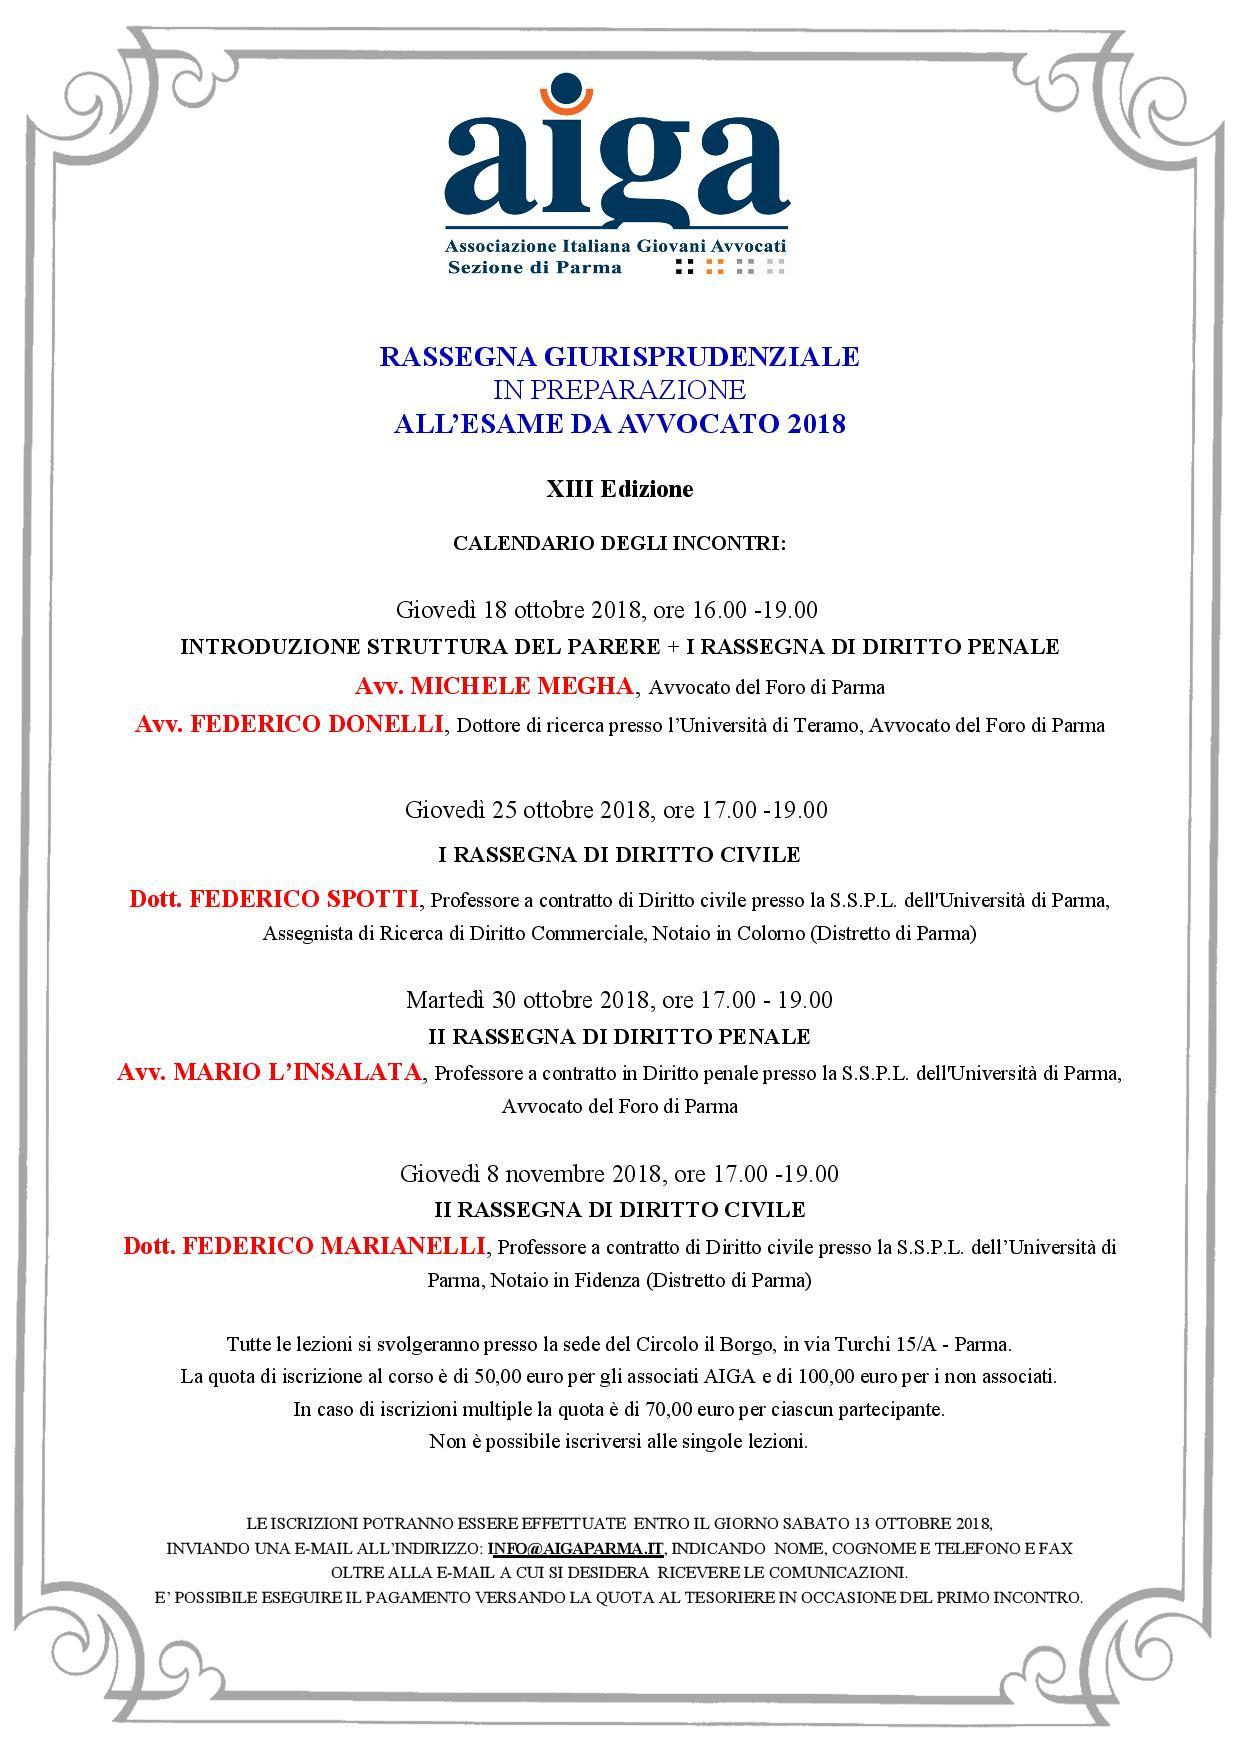 locandina-corso-esame-avvocato-2018